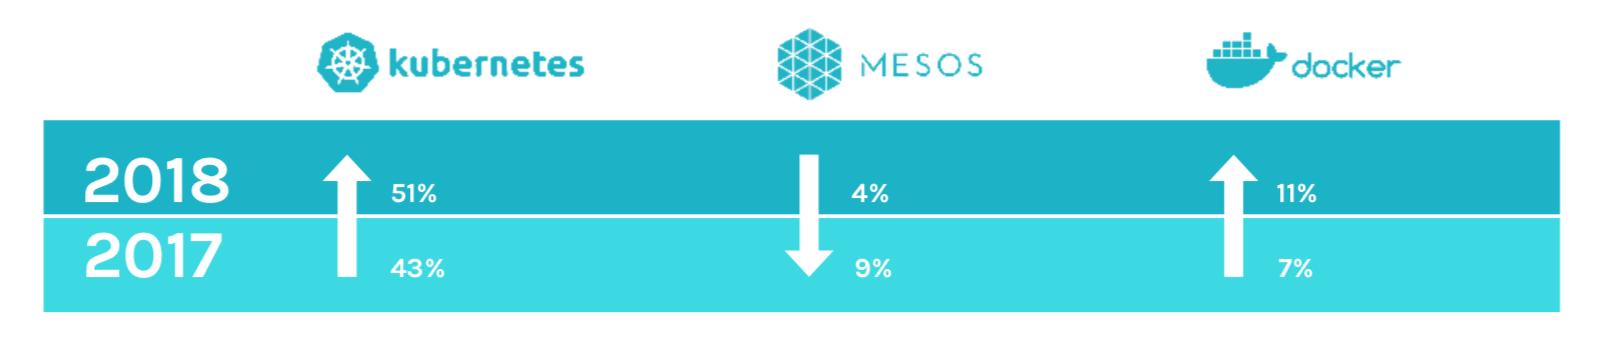 编排器份额: Kubernetes 和 Swarm 增长, Mesos 萎缩。